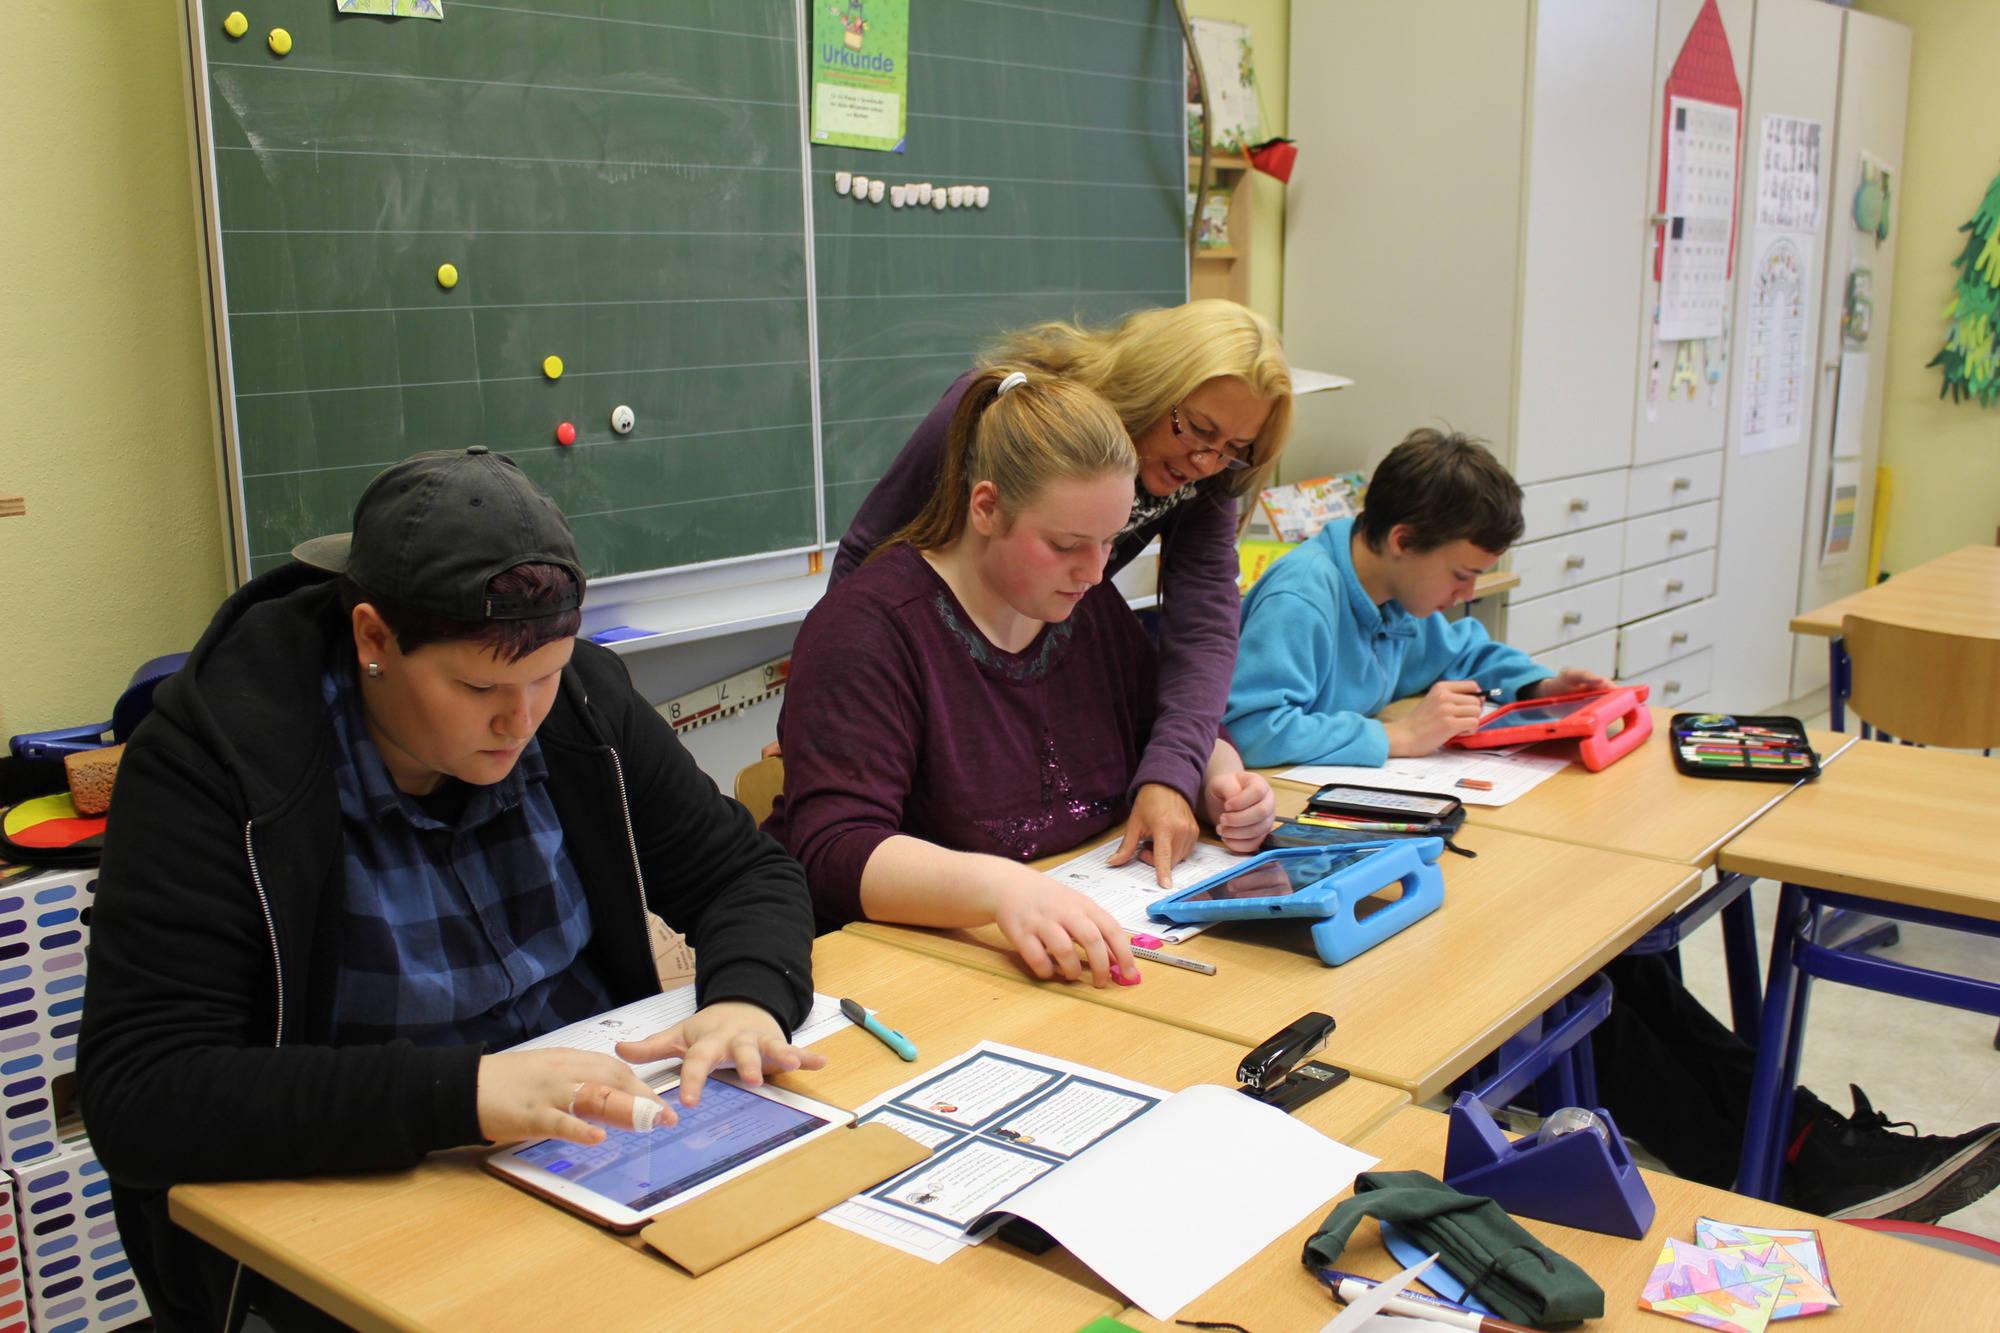 Alois-Wißmann-Schule in Buchen setzt auf Tabletcomputer - Buchen ...